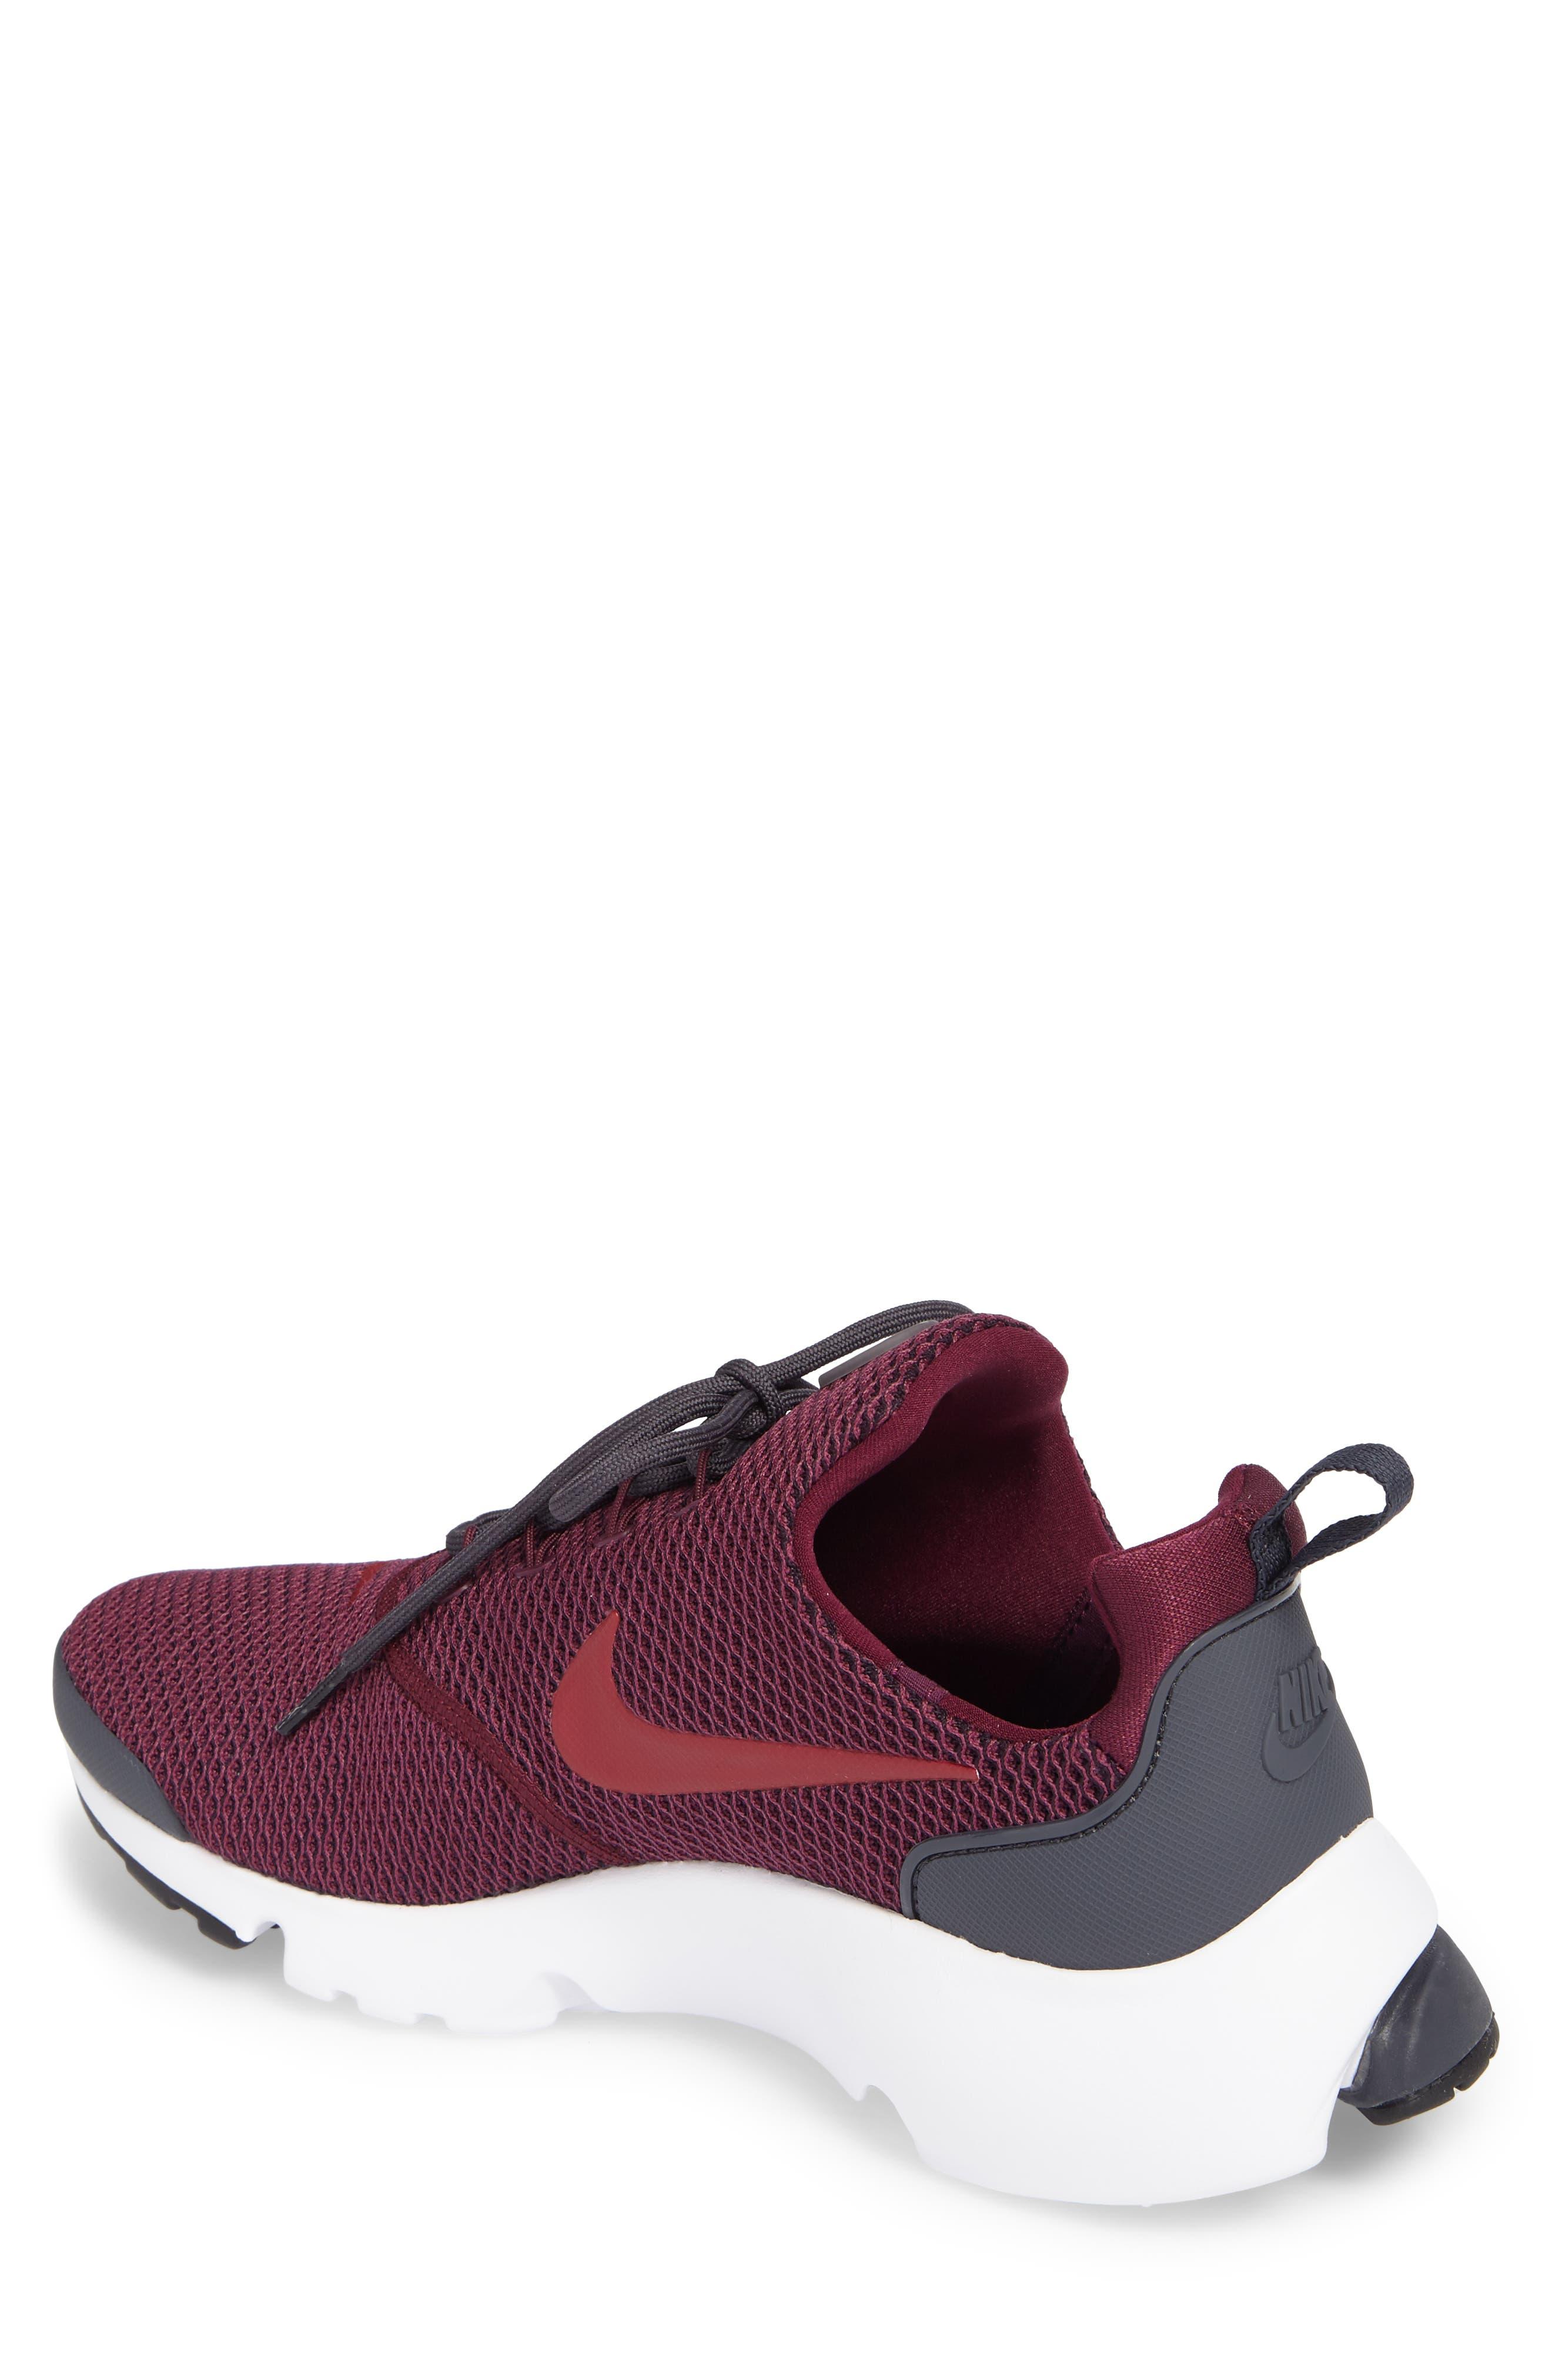 Presto Fly SE Sneaker,                             Alternate thumbnail 6, color,